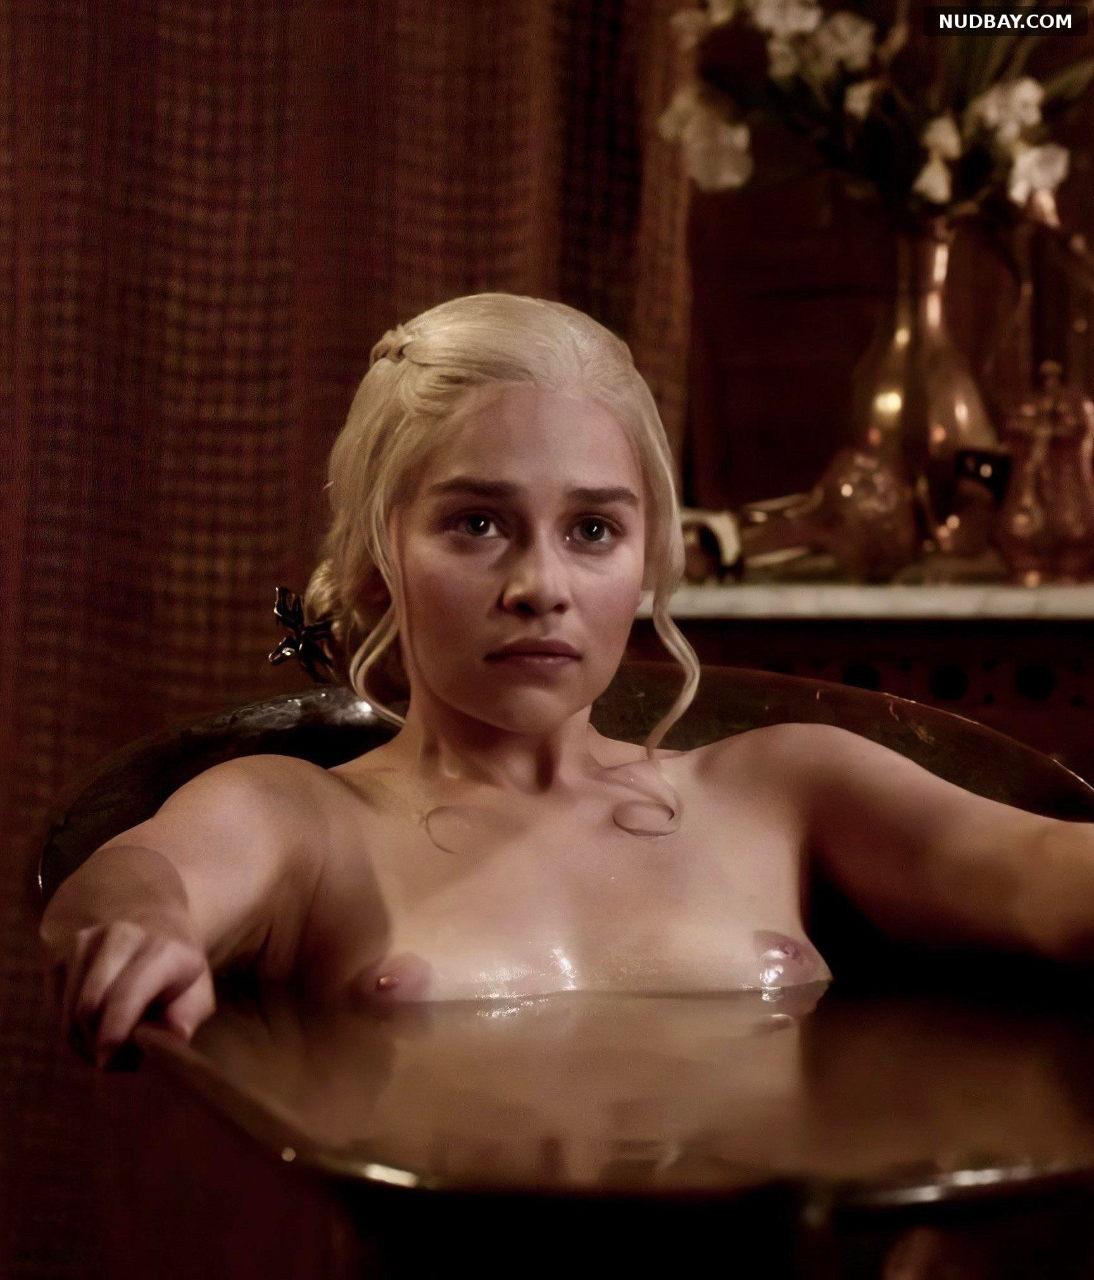 Emilia Clarke Nude TV Series Game of Thrones S03 (2013)